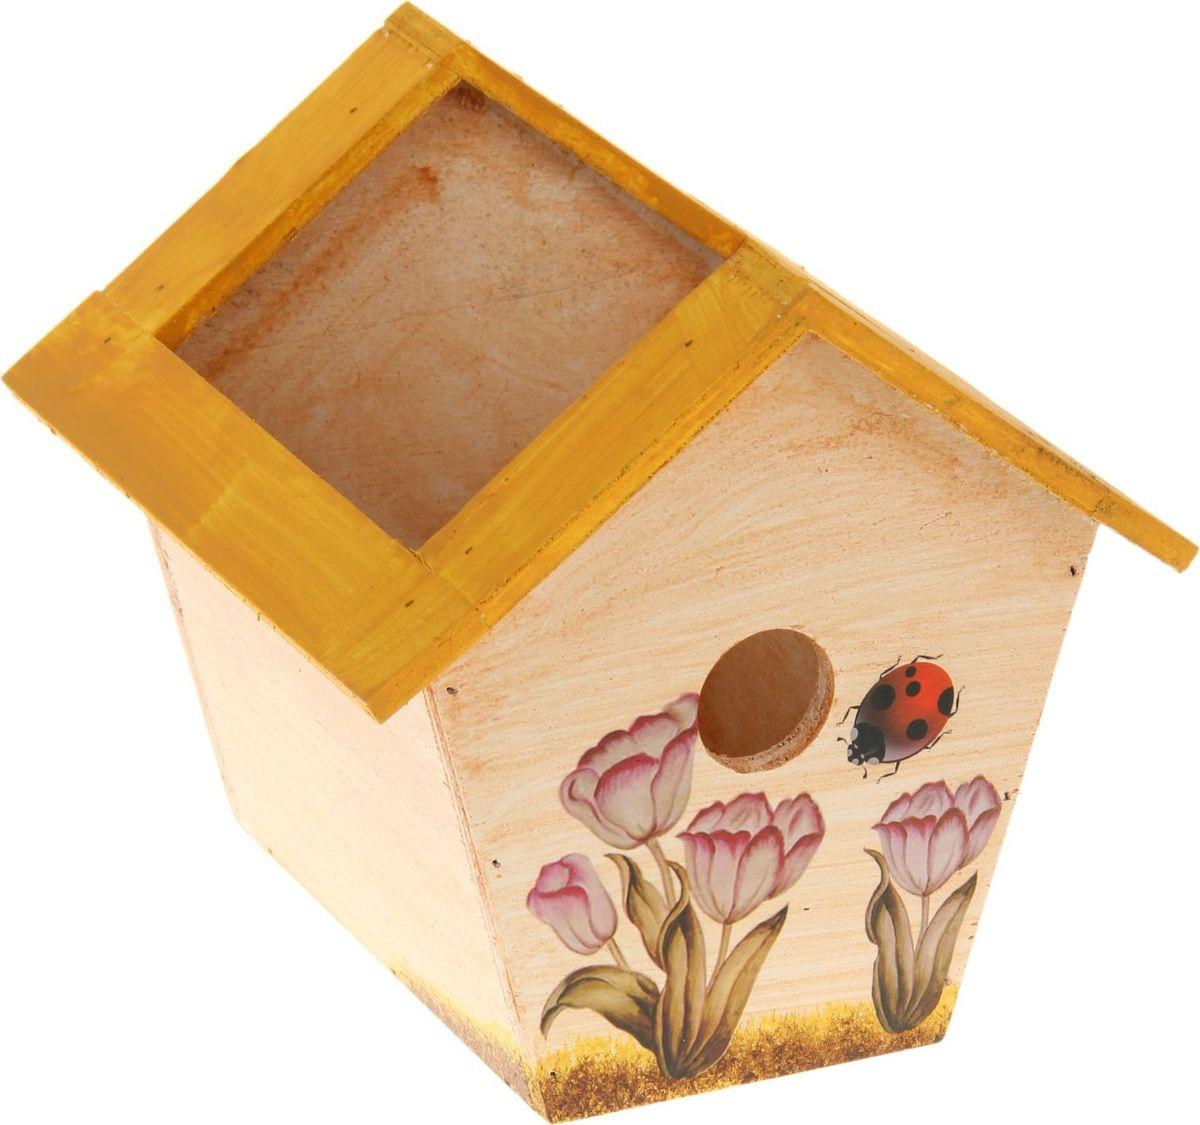 Кашпо Скворечник, цвет: желтый, 19 х 19 х 19 см1262291Комнатные растения — всеобщие любимцы. Они радуют глаз, насыщают помещение кислородом и украшают пространство. Каждому из растений необходим свой удобный и красивый дом. Поселите зеленого питомца в яркое и оригинальное фигурное кашпо. Выберите подходящую форму для детской, спальни, гостиной, балкона, офиса или террасы. позаботится о растении, украсит окружающее пространство и подчеркнет его оригинальный стиль.